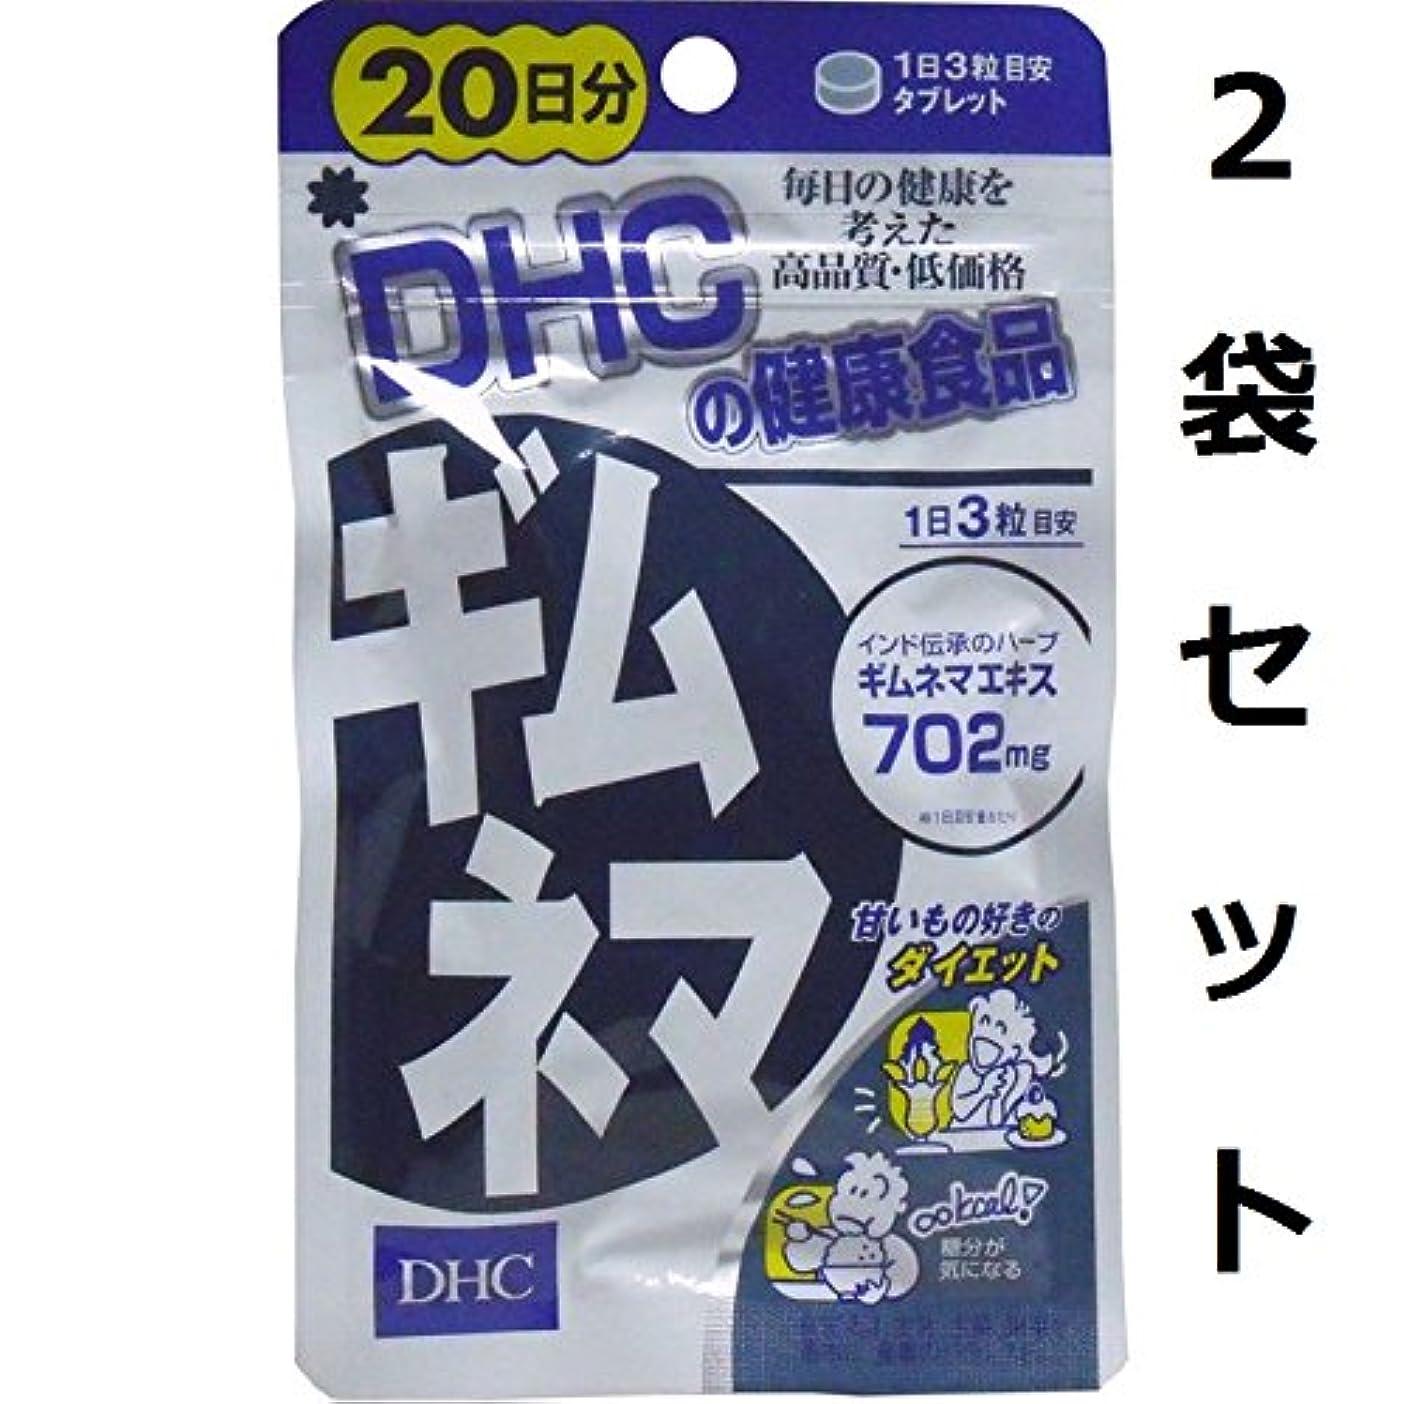 ふくろう抑圧コア糖分や炭水化物を多く摂る人に DHC ギムネマ 20日分 60粒 2袋セット